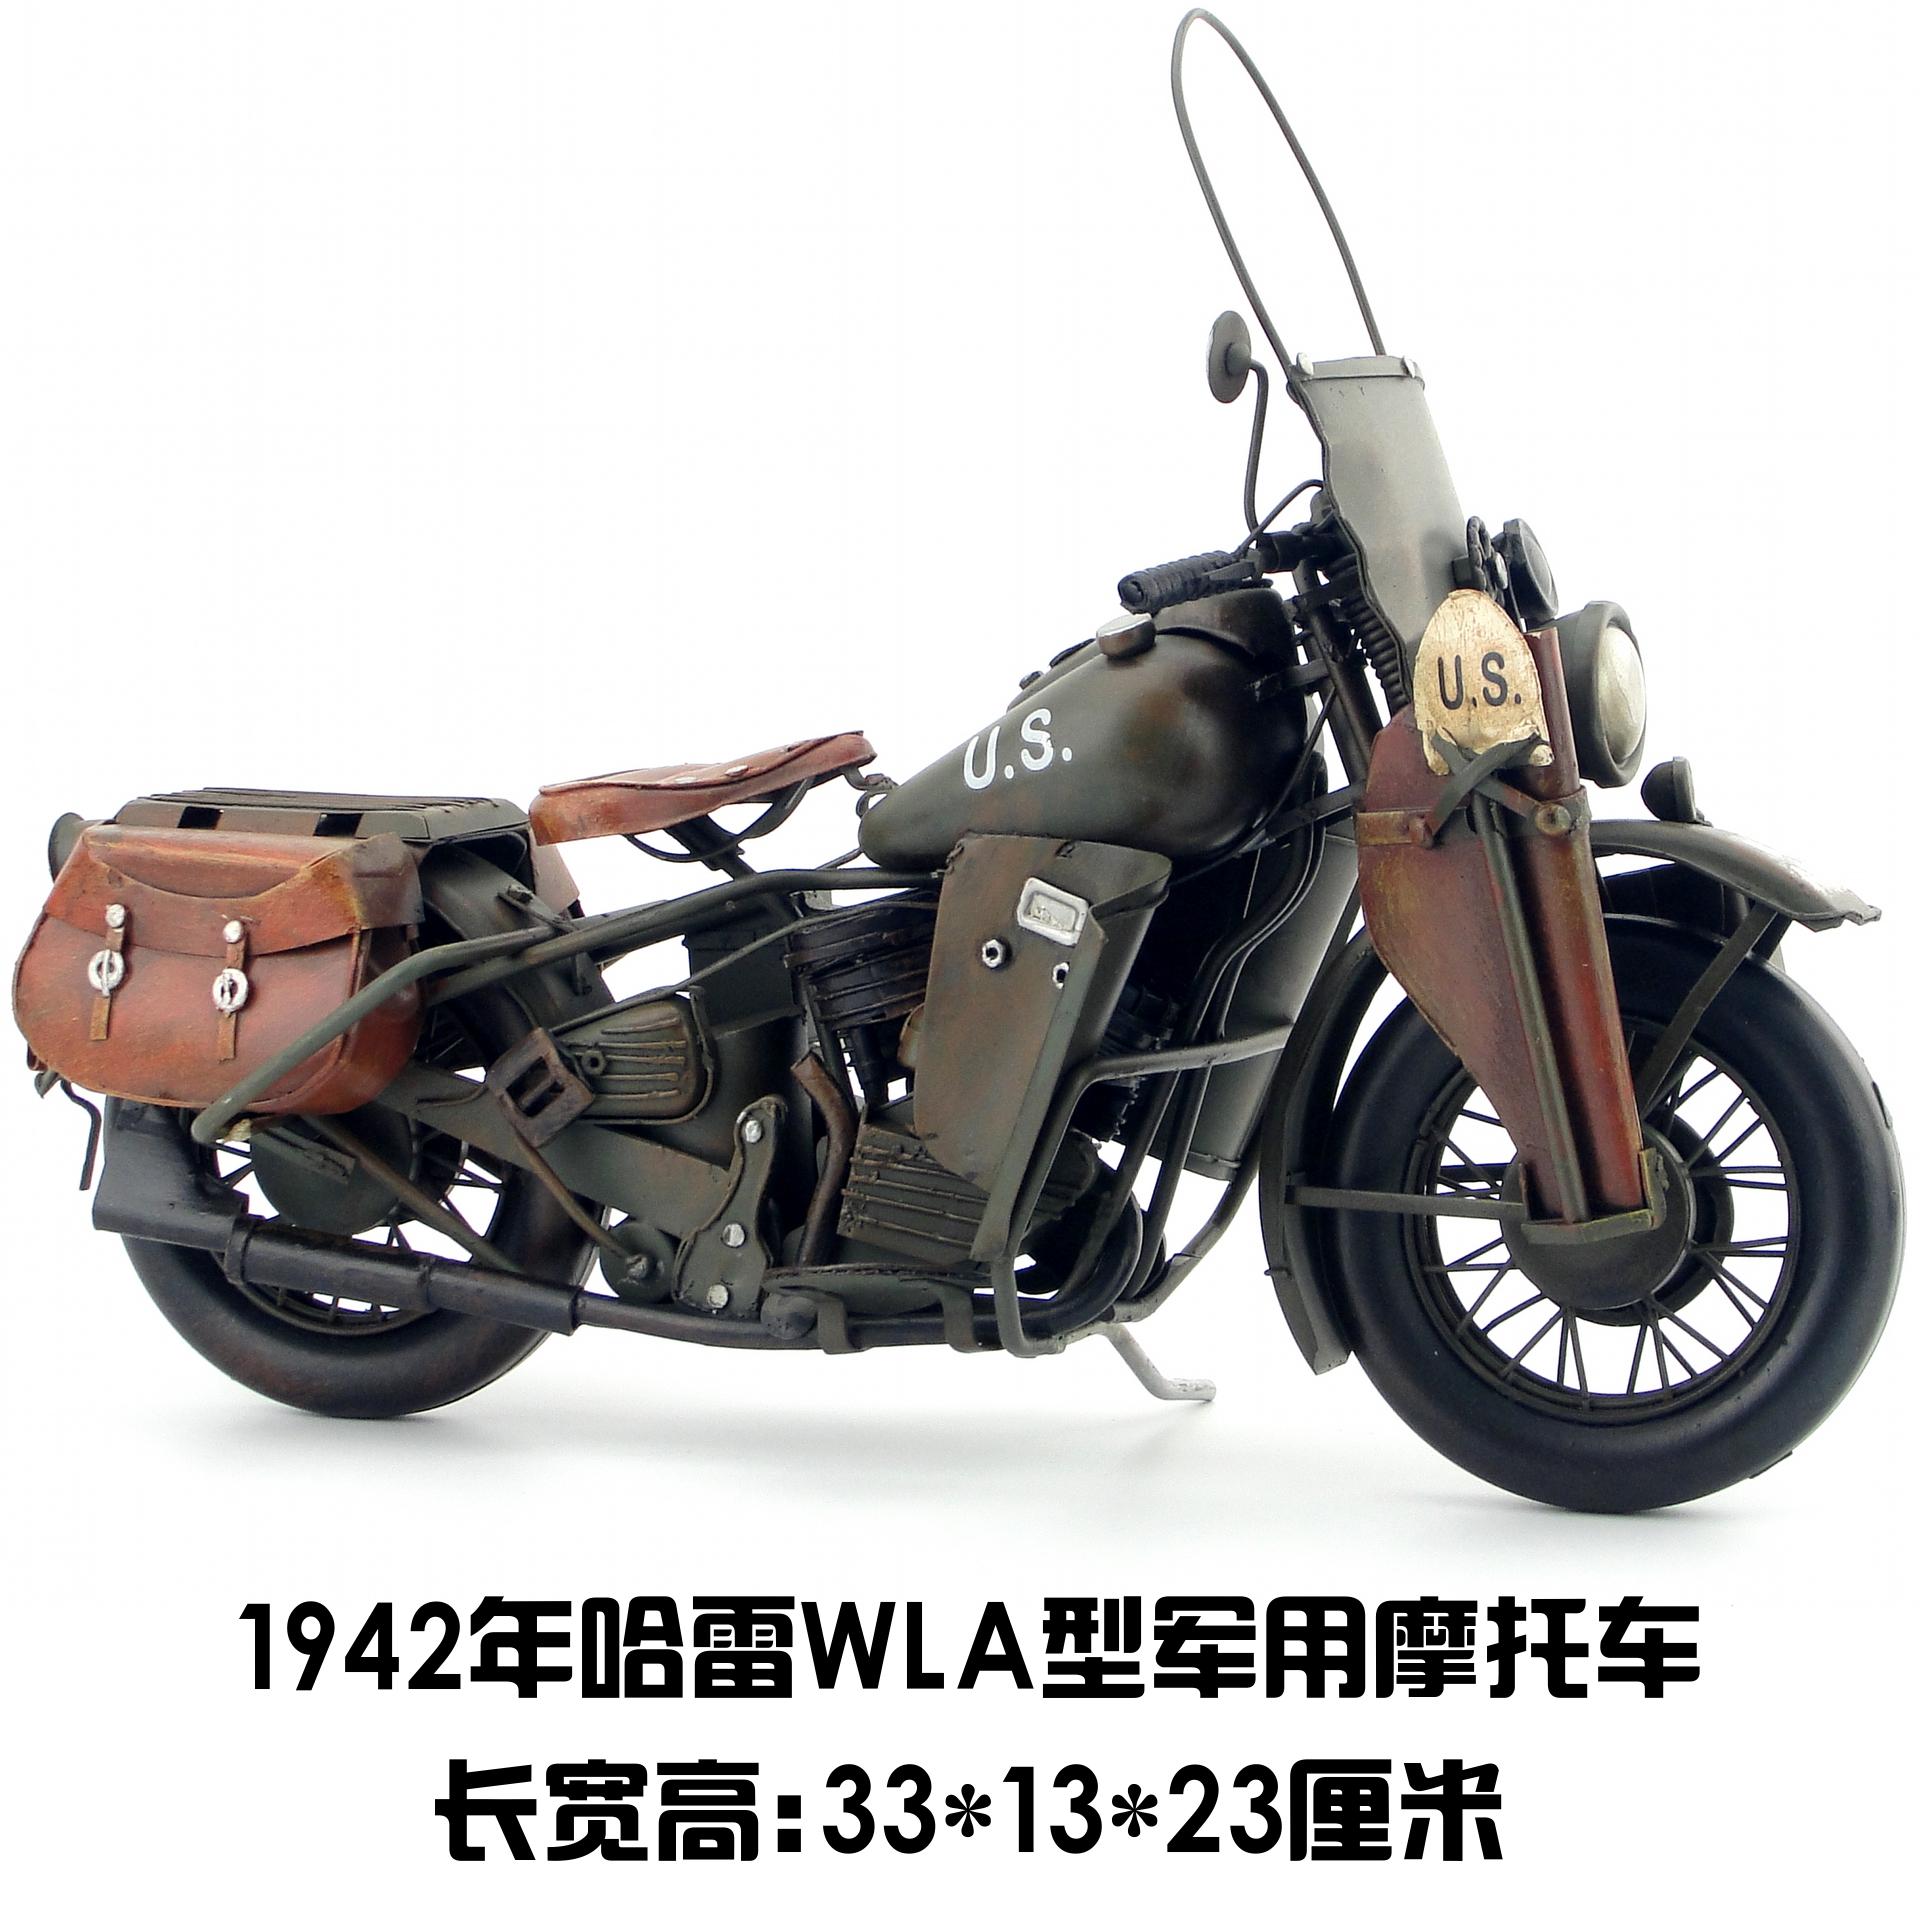 复古创意铁艺欧式装饰摆设美国哈雷WLA型摩托车模型家居饰品礼物